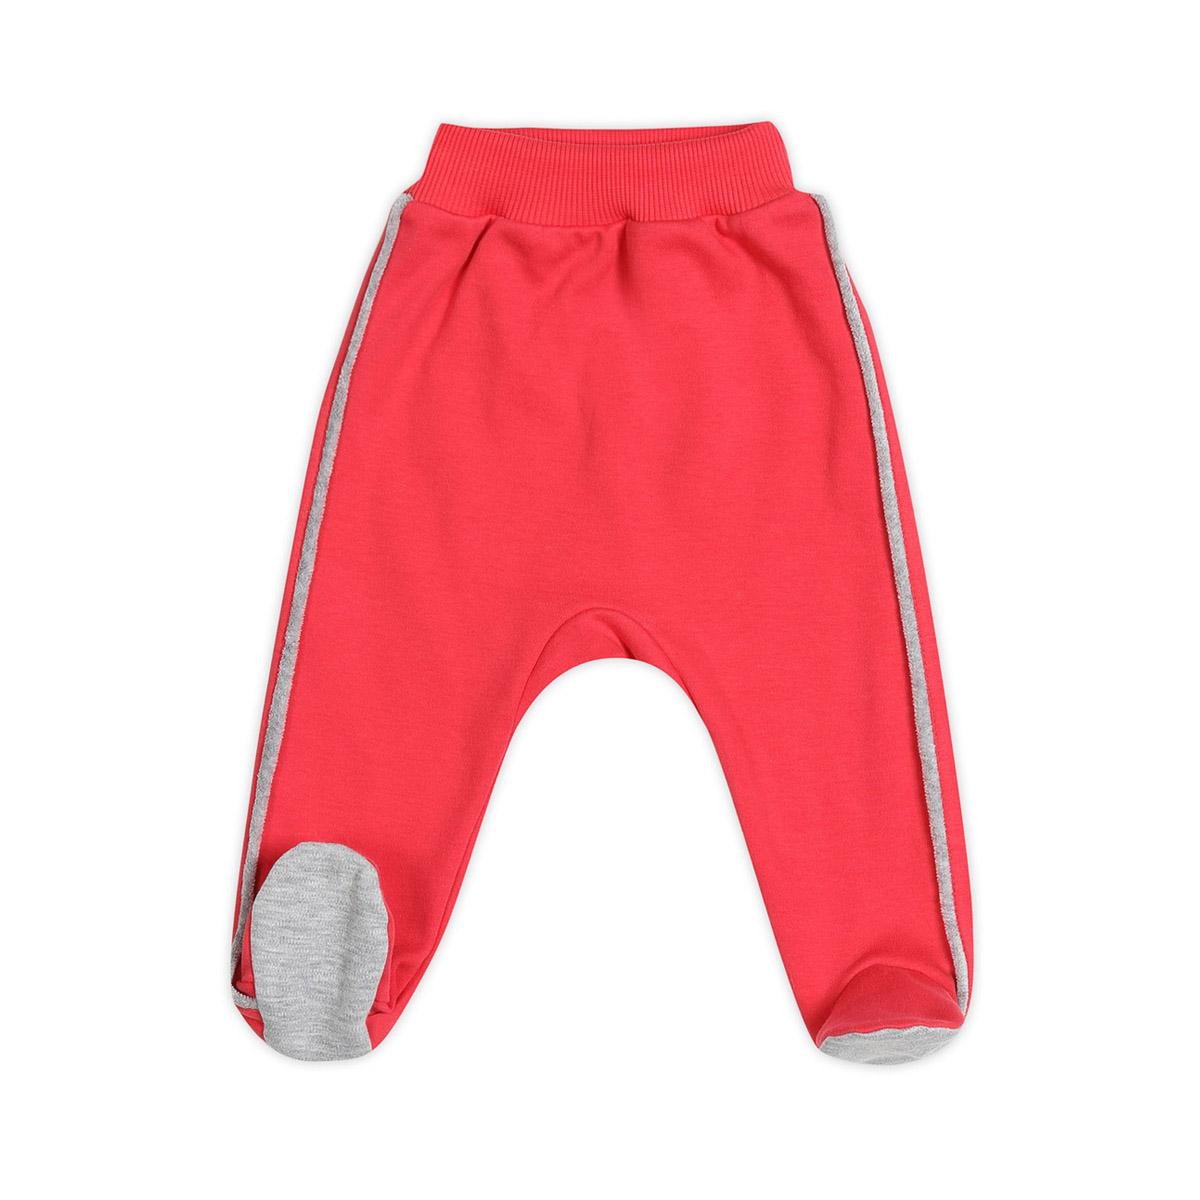 Ползунки с ножками Ёмаё Спорт (26-265) рост 80 ярко-розовый<br>